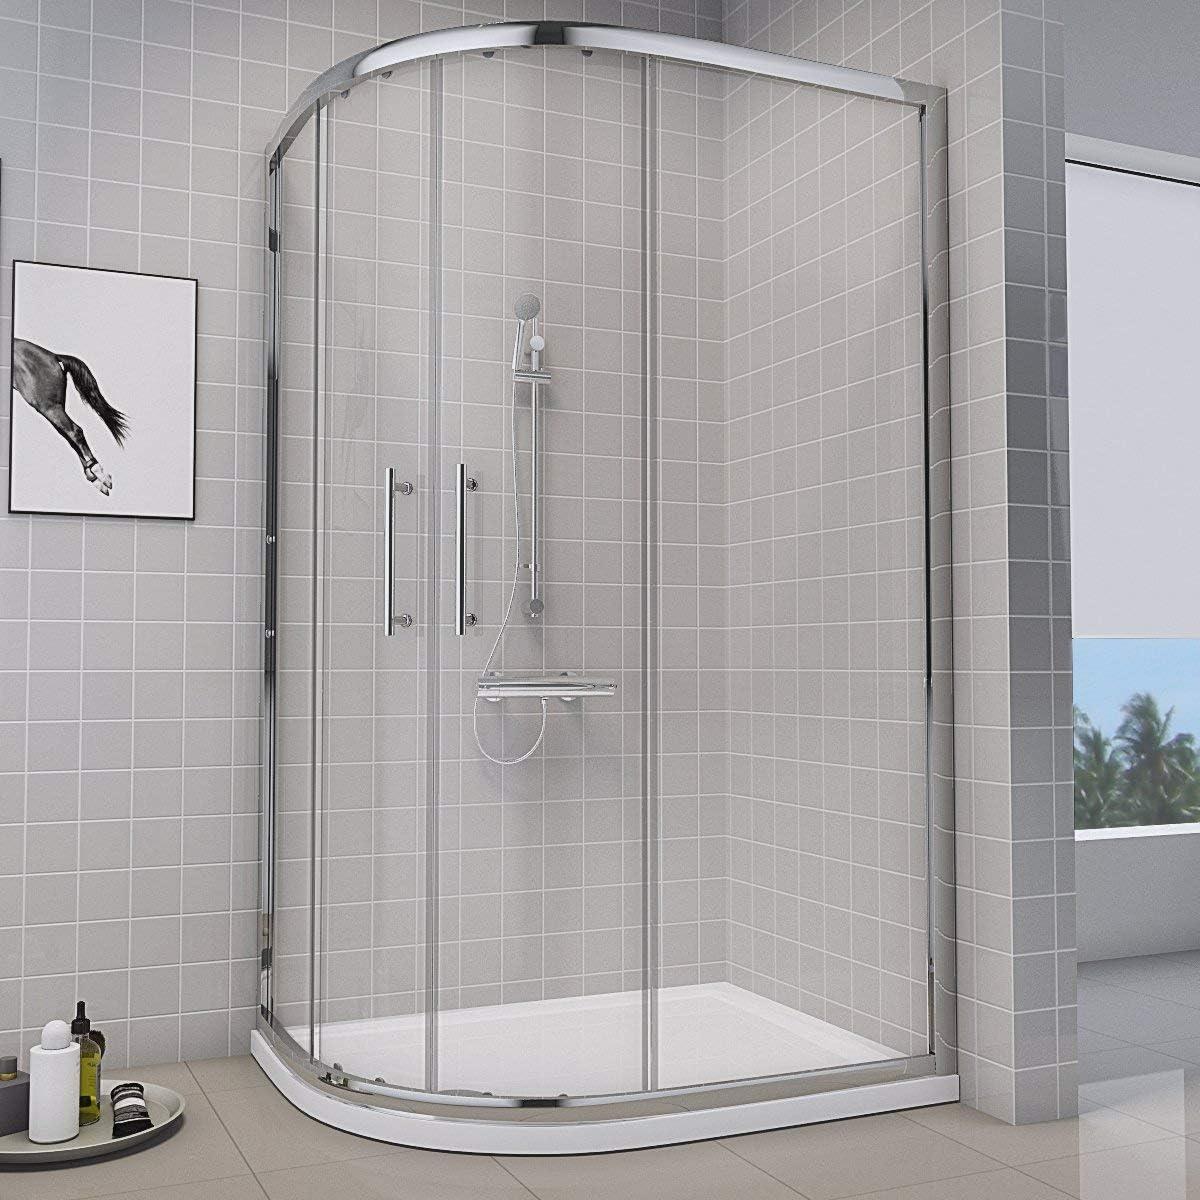 Aquariss Box ducha con plato ducha y desagüe ducha incluye cristal Tecnología Easy Clean montaje fácil y rápido: Amazon.es: Hogar